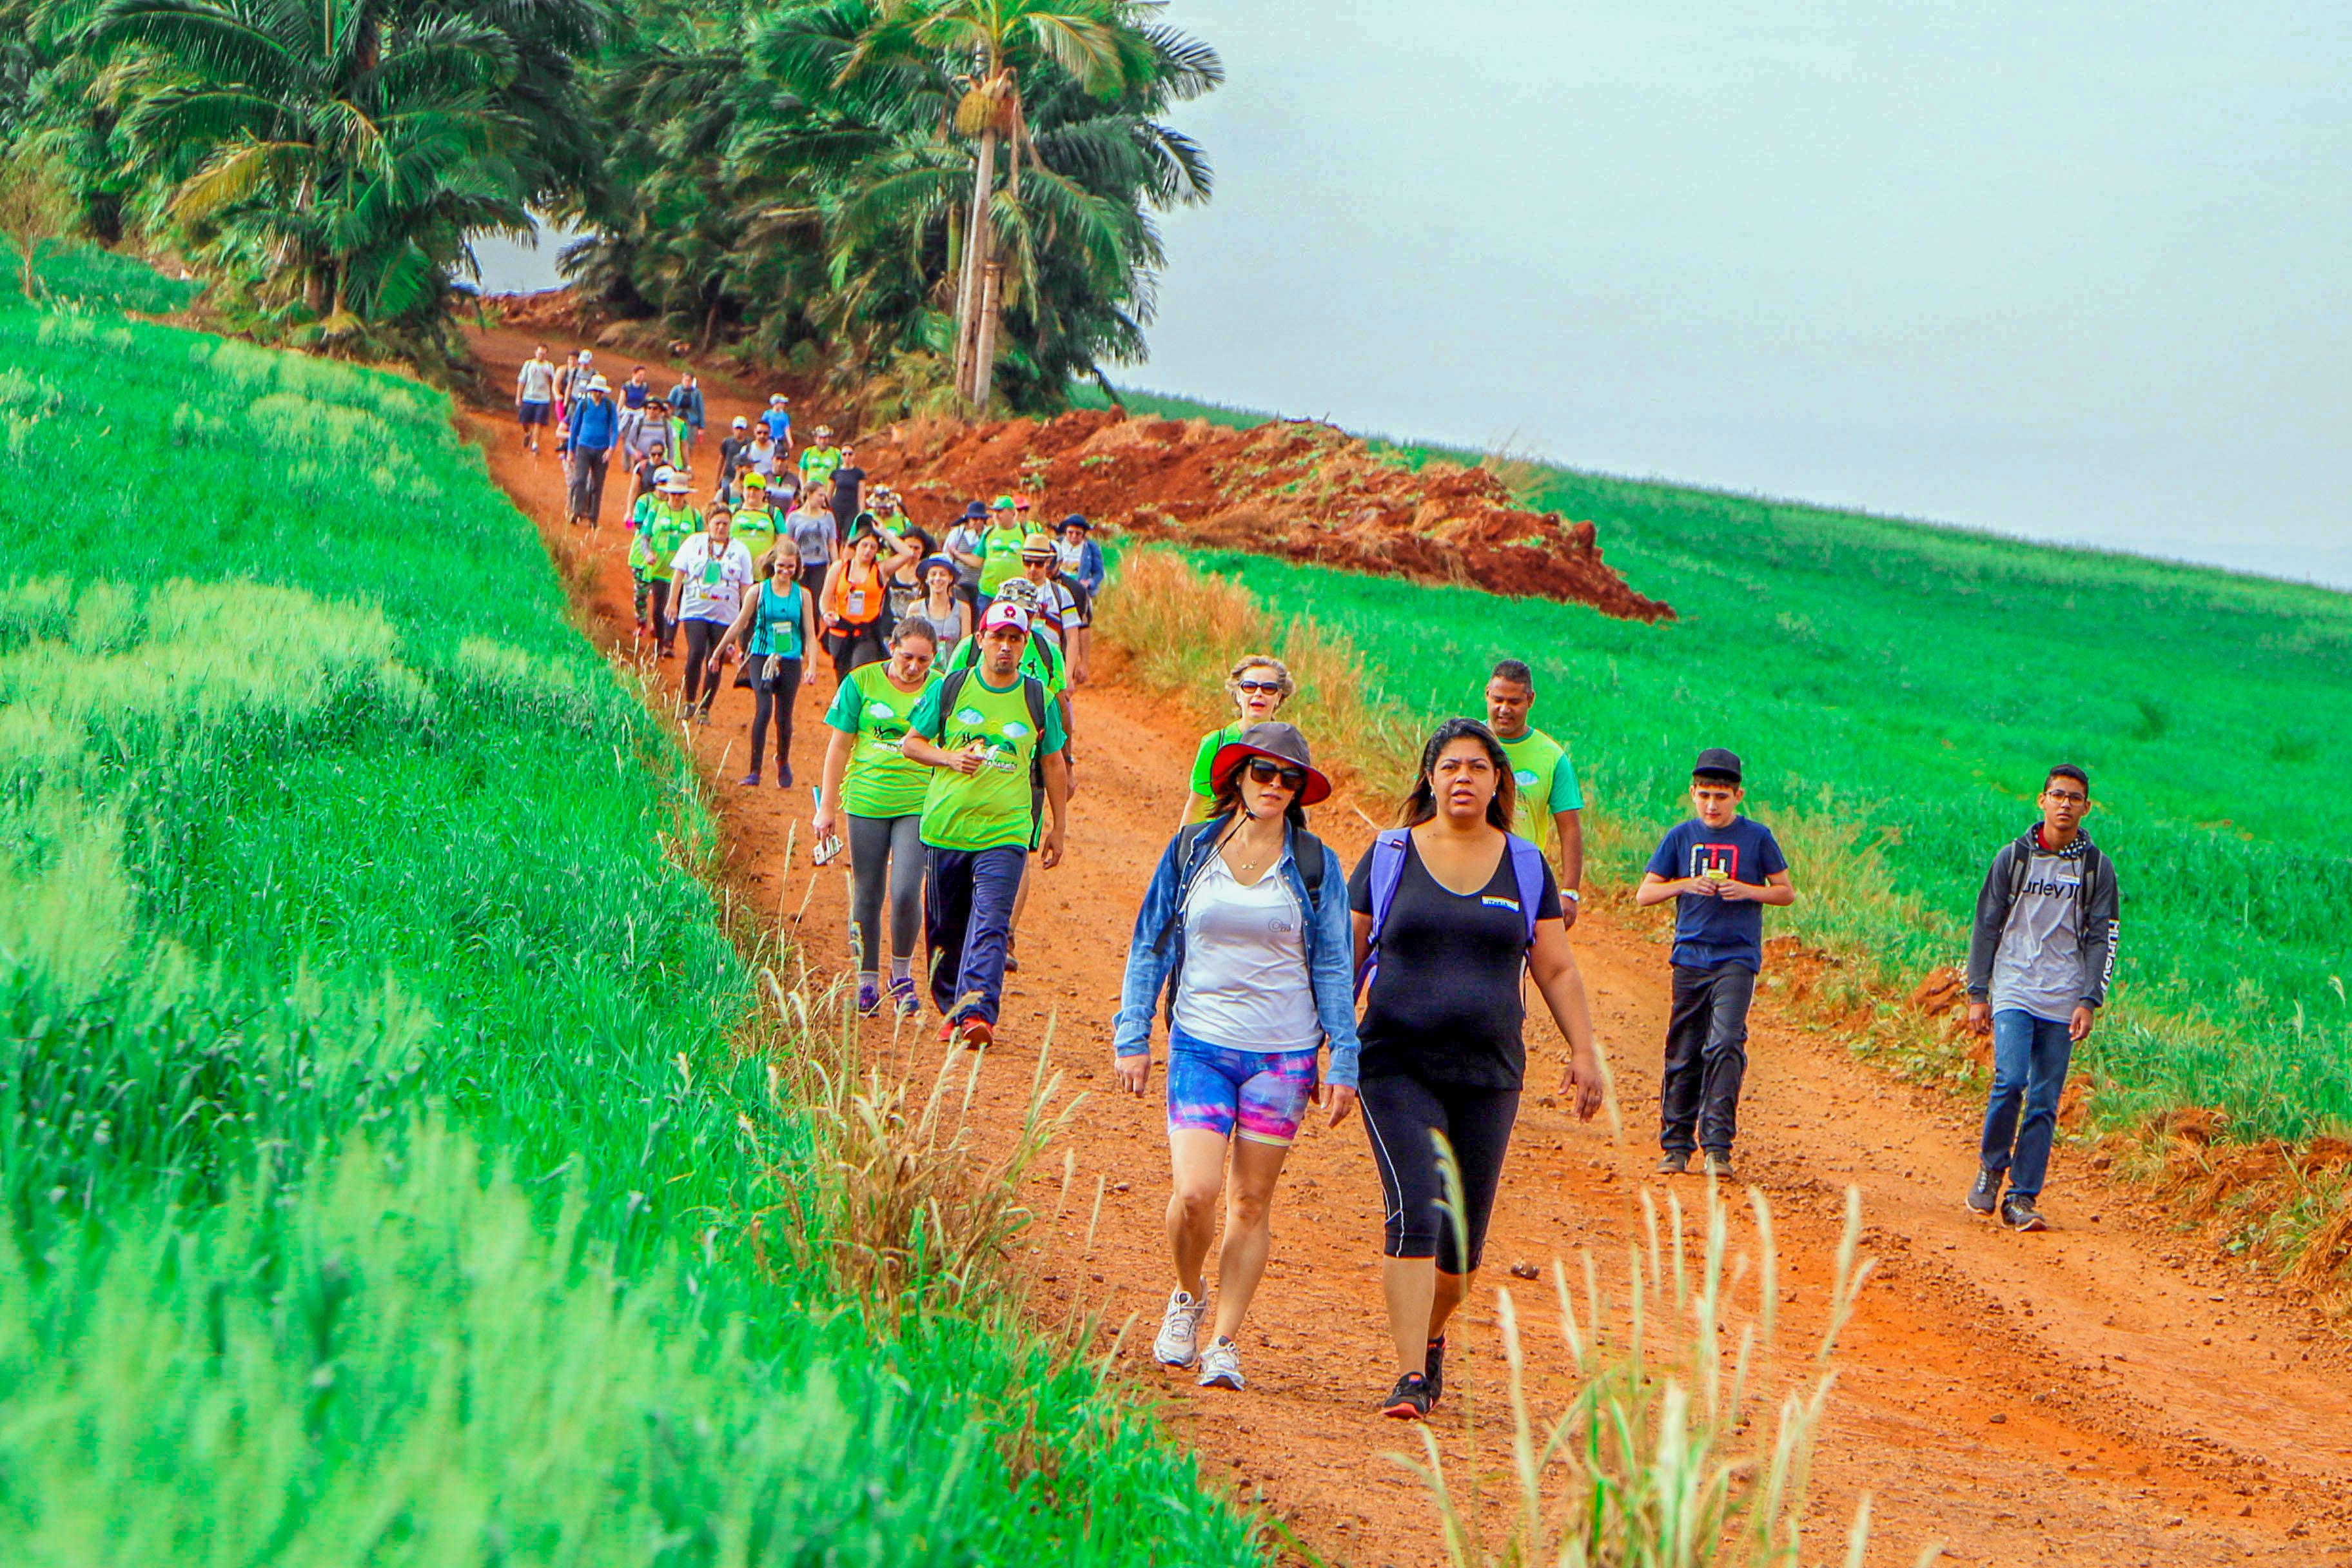 o ano passado foram 410 participantes de Apucarana e de cidades de várias regiões do estado. Foto: Josias Profeta